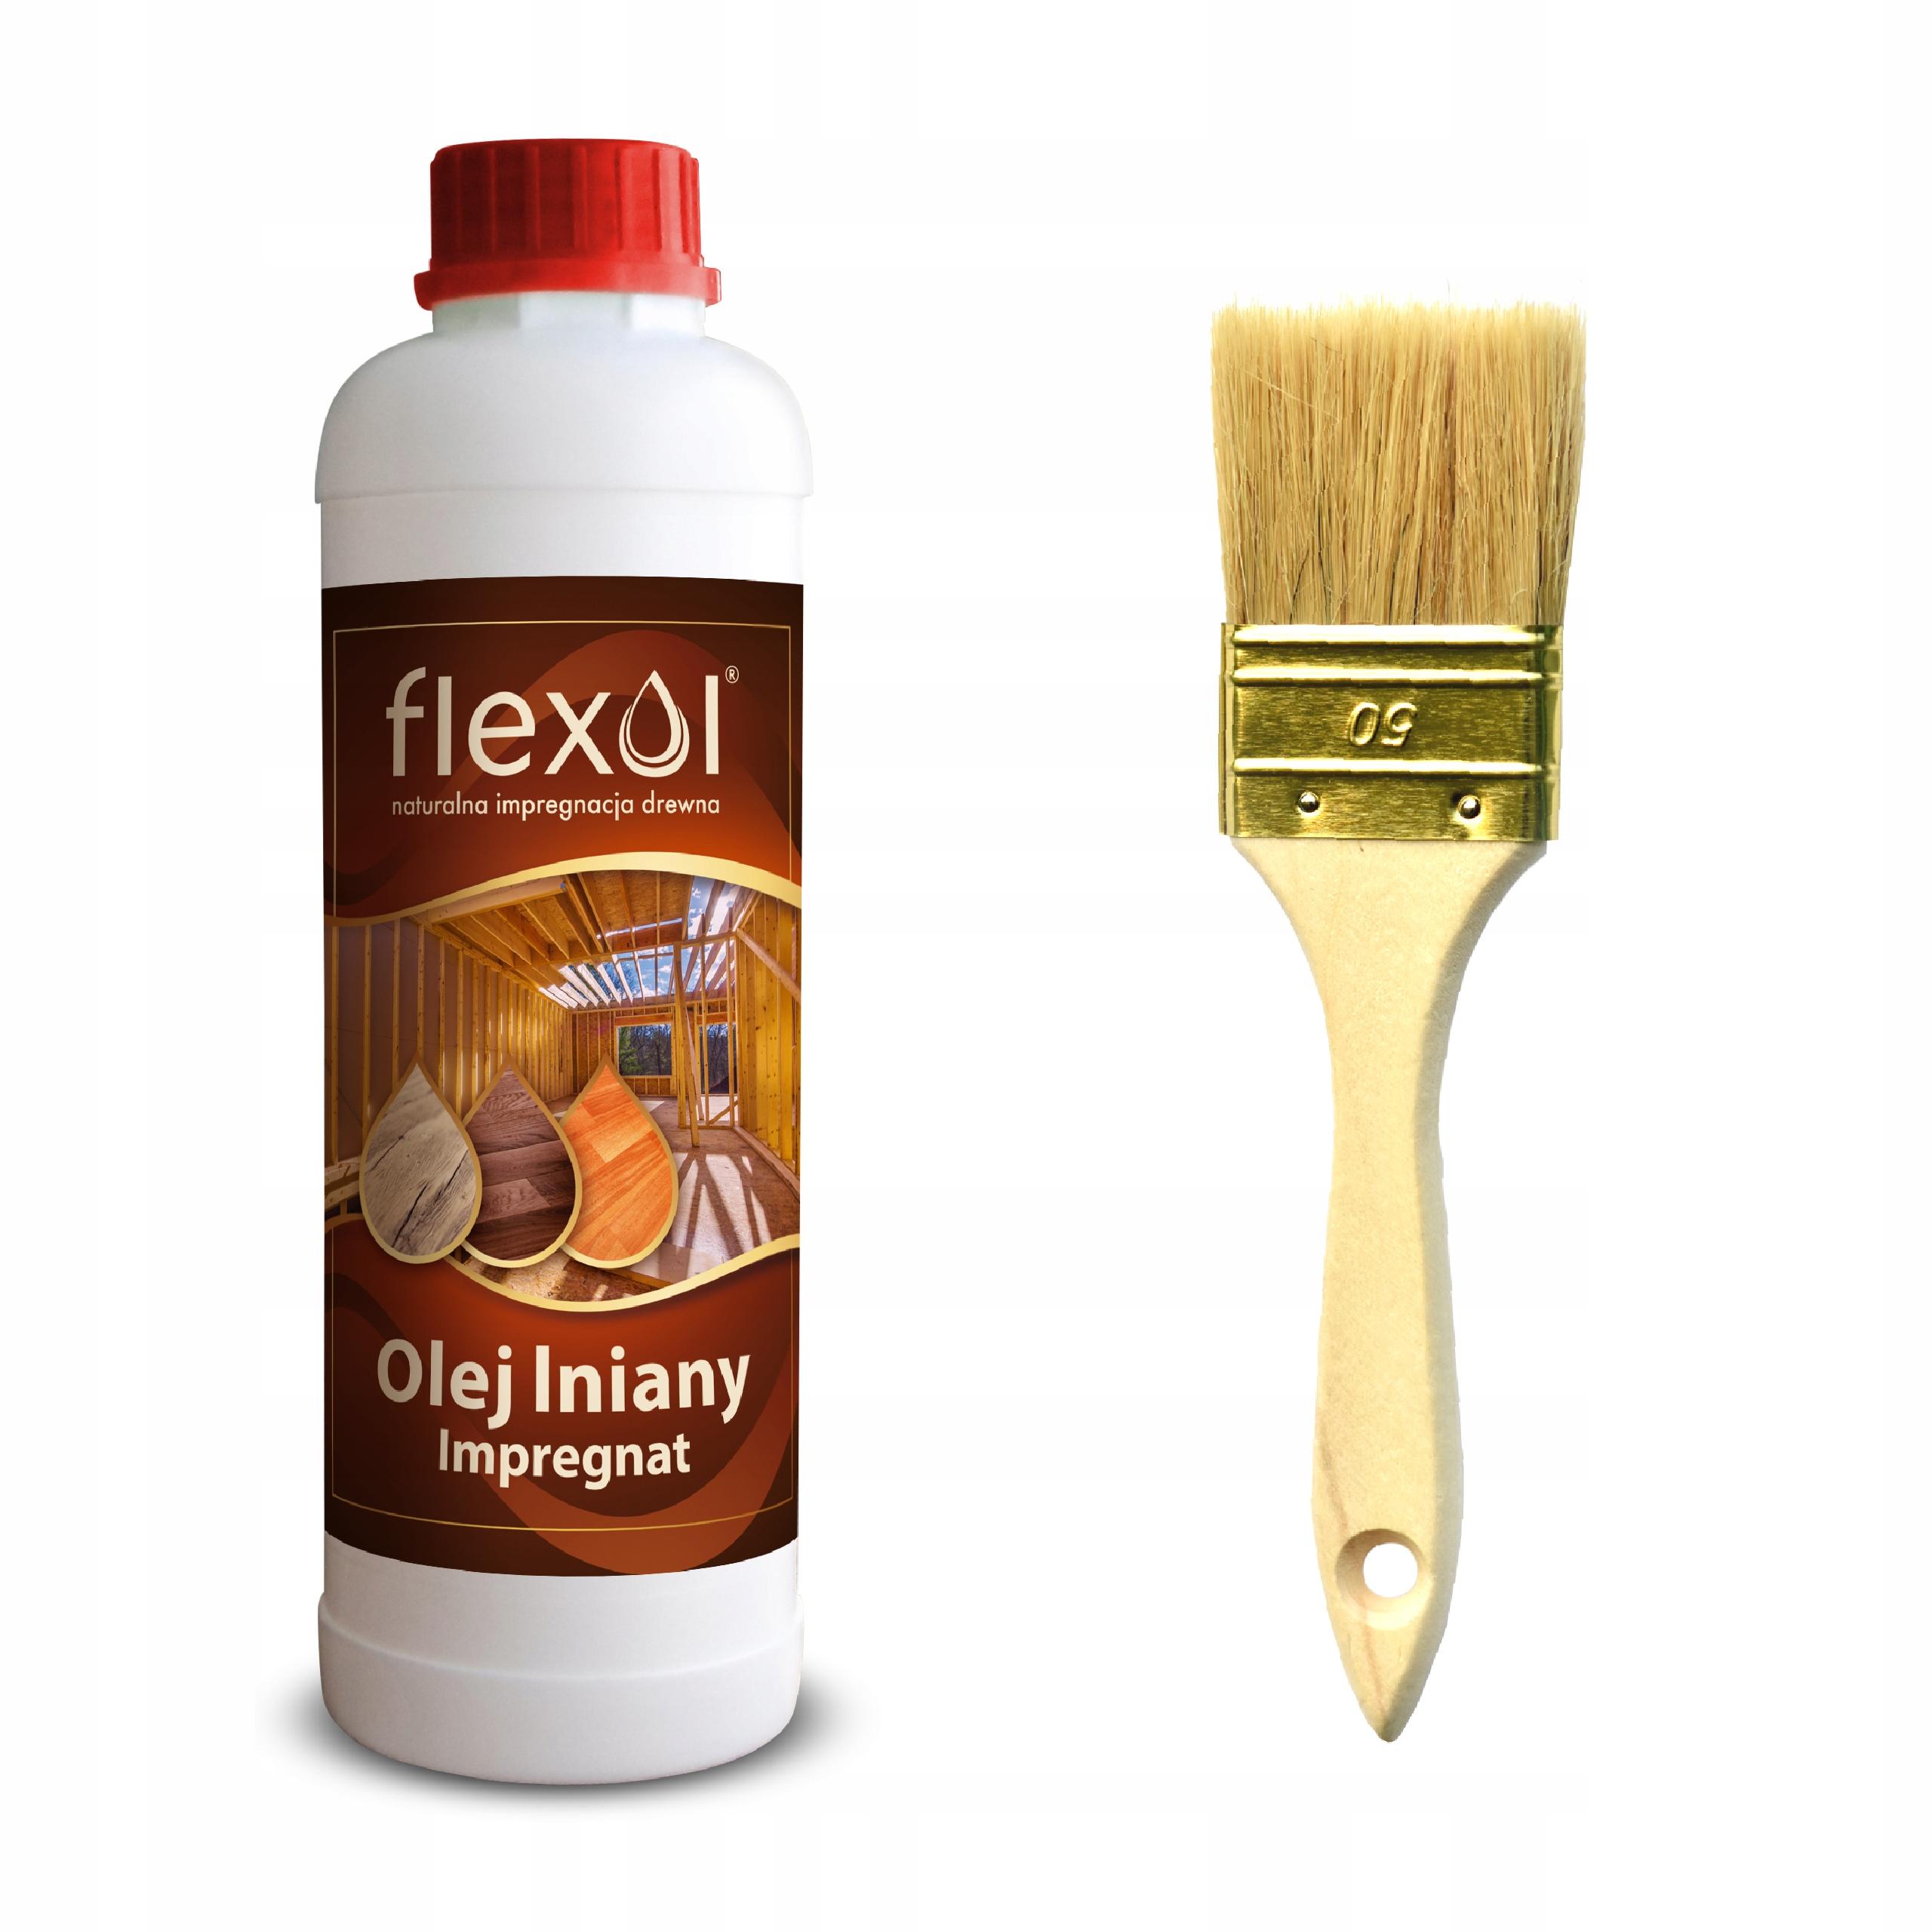 Пропитка льняного масла для древесины 100% натуральный 1L